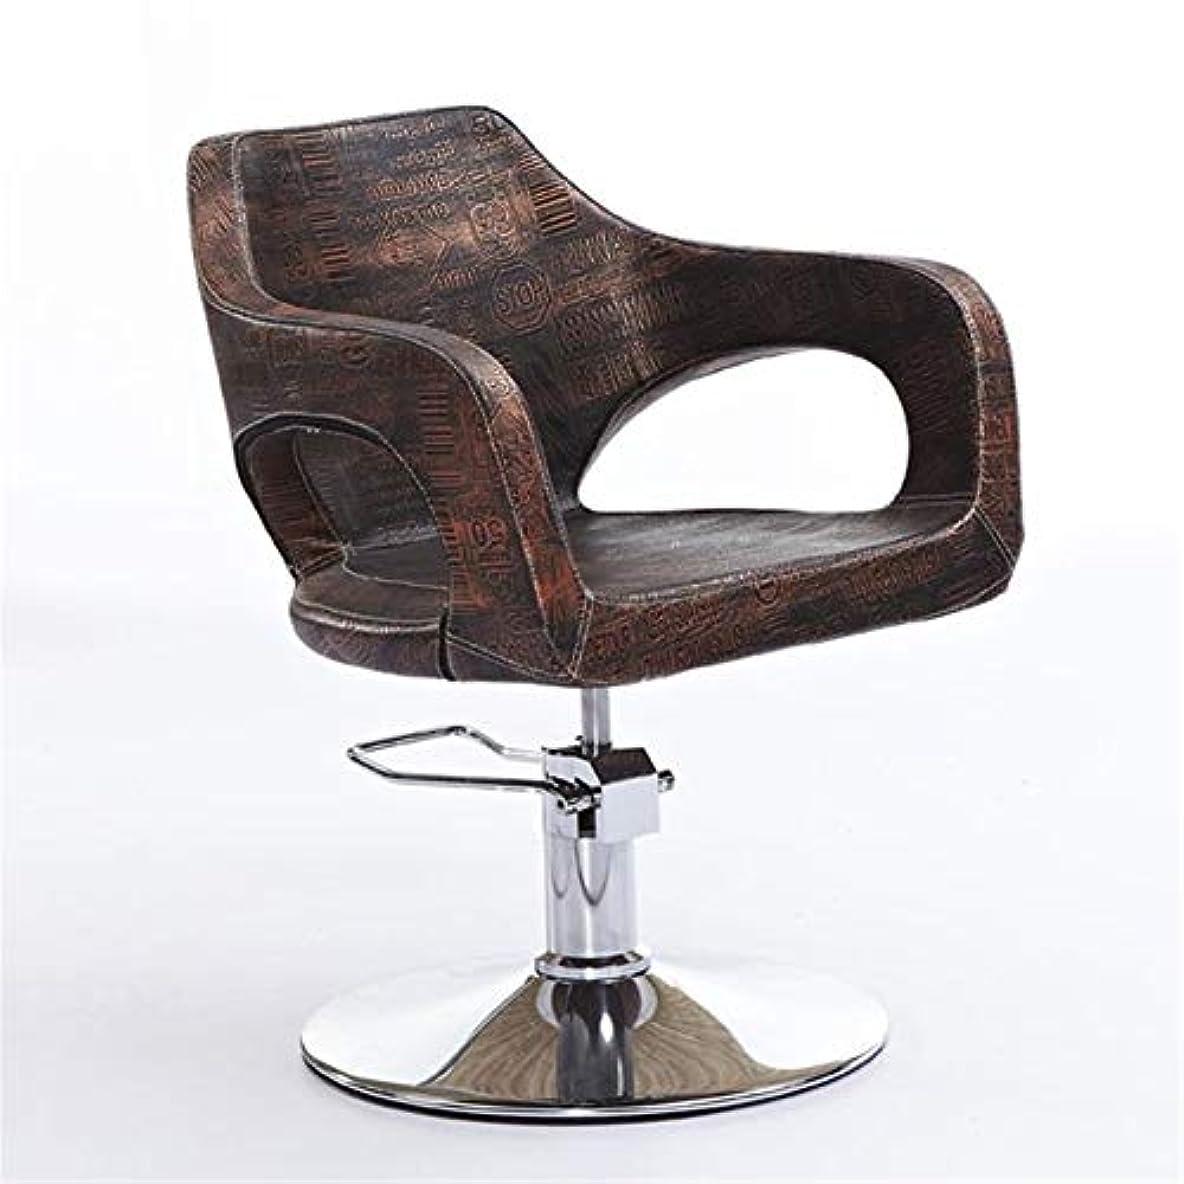 勃起気難しい印象的サロンチェアファッションヘアサロンチェア美容ヘアカットチェア油圧理髪チェア調節可能な高さ特別なヘアサロン機器,D